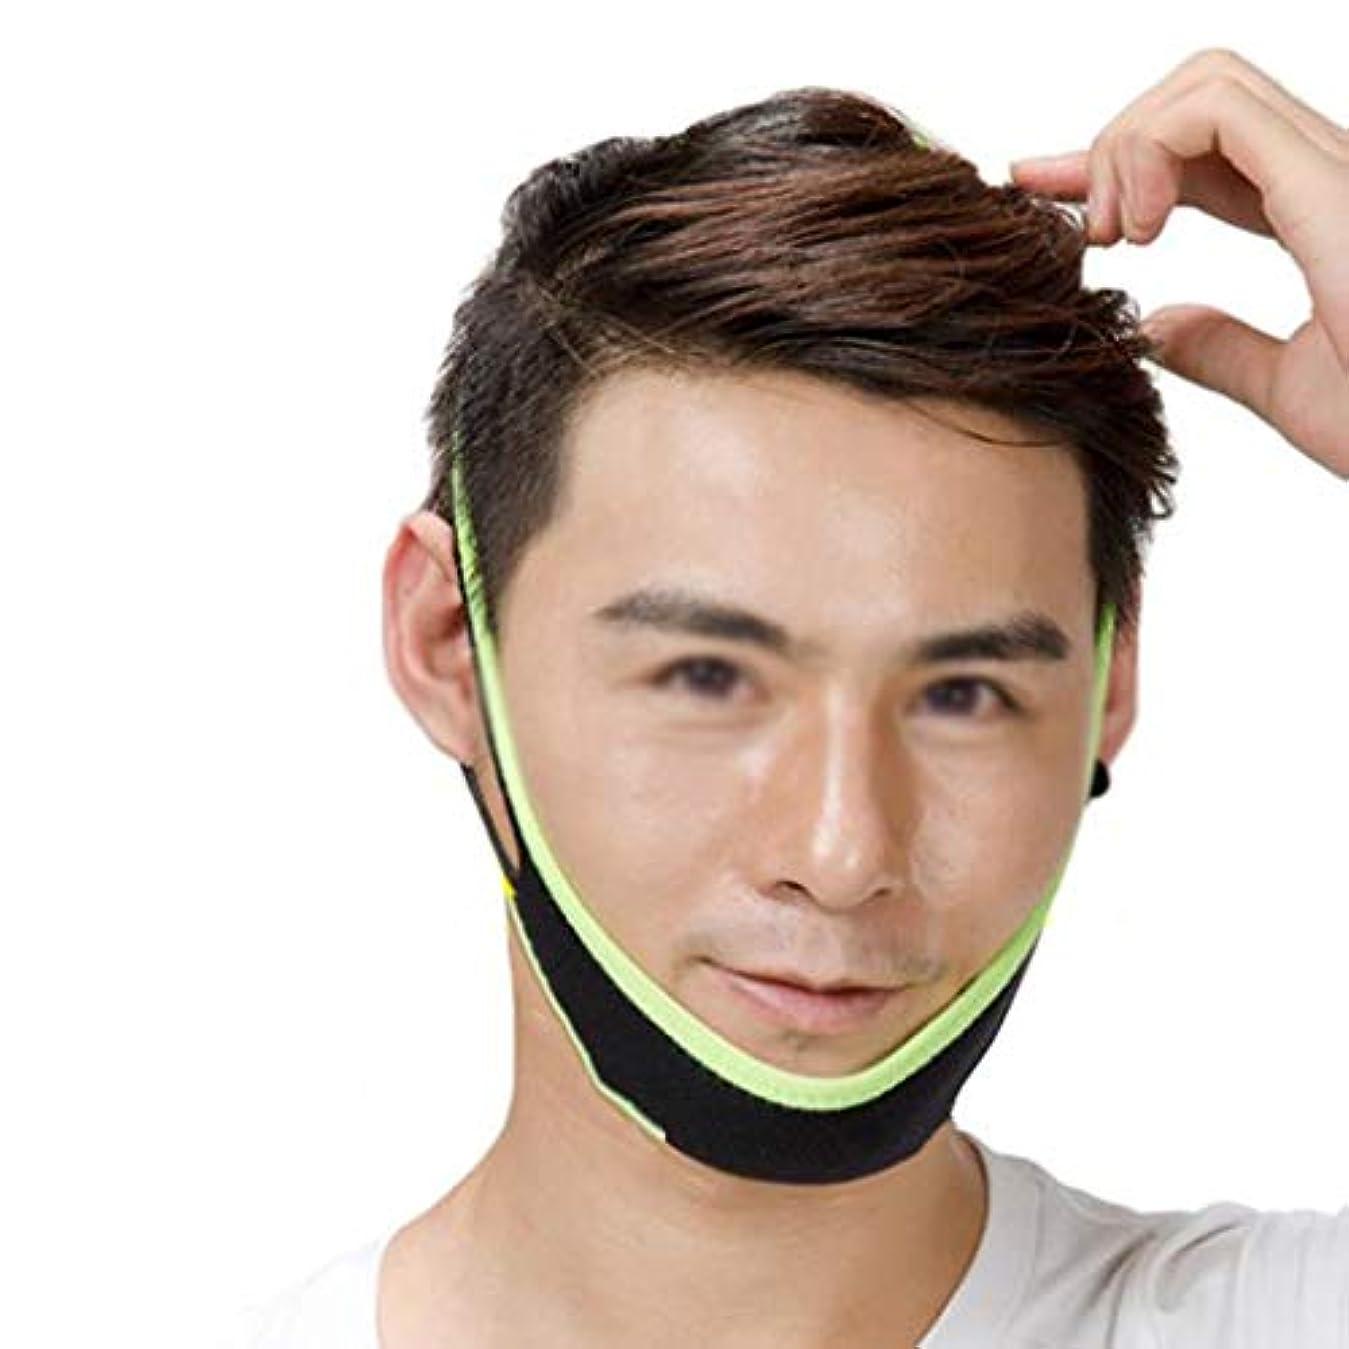 原点図退屈なZWBD フェイスマスク, マスクアーチファクトアーティファクトリフティングマッサージアーティファクト付き薄い顔の包帯メンズスペシャルスリープスモールVフェイス